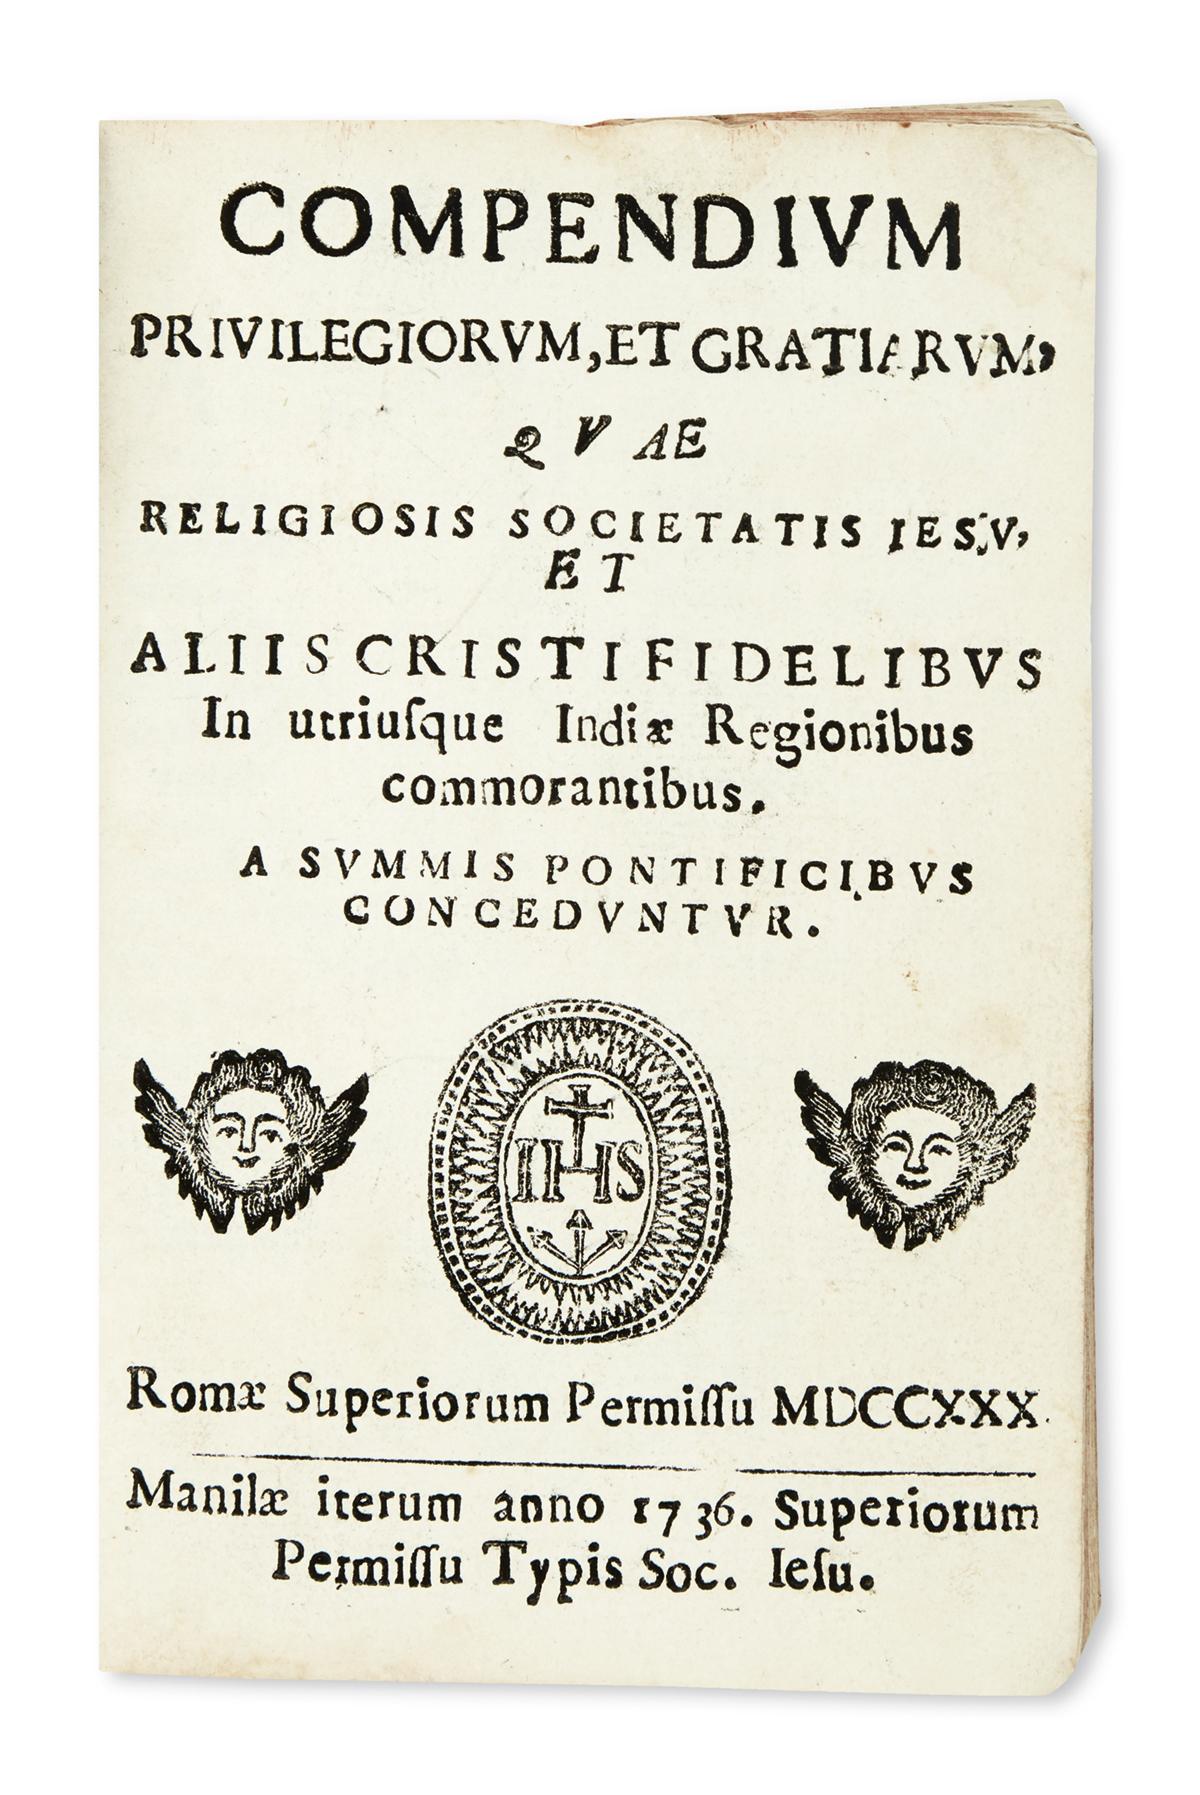 PHILIPPINES  JESUITS.  Compendium privilegiorum, et gratiarum, quae religiosis Societati Jesu . . . concedentur. 1736